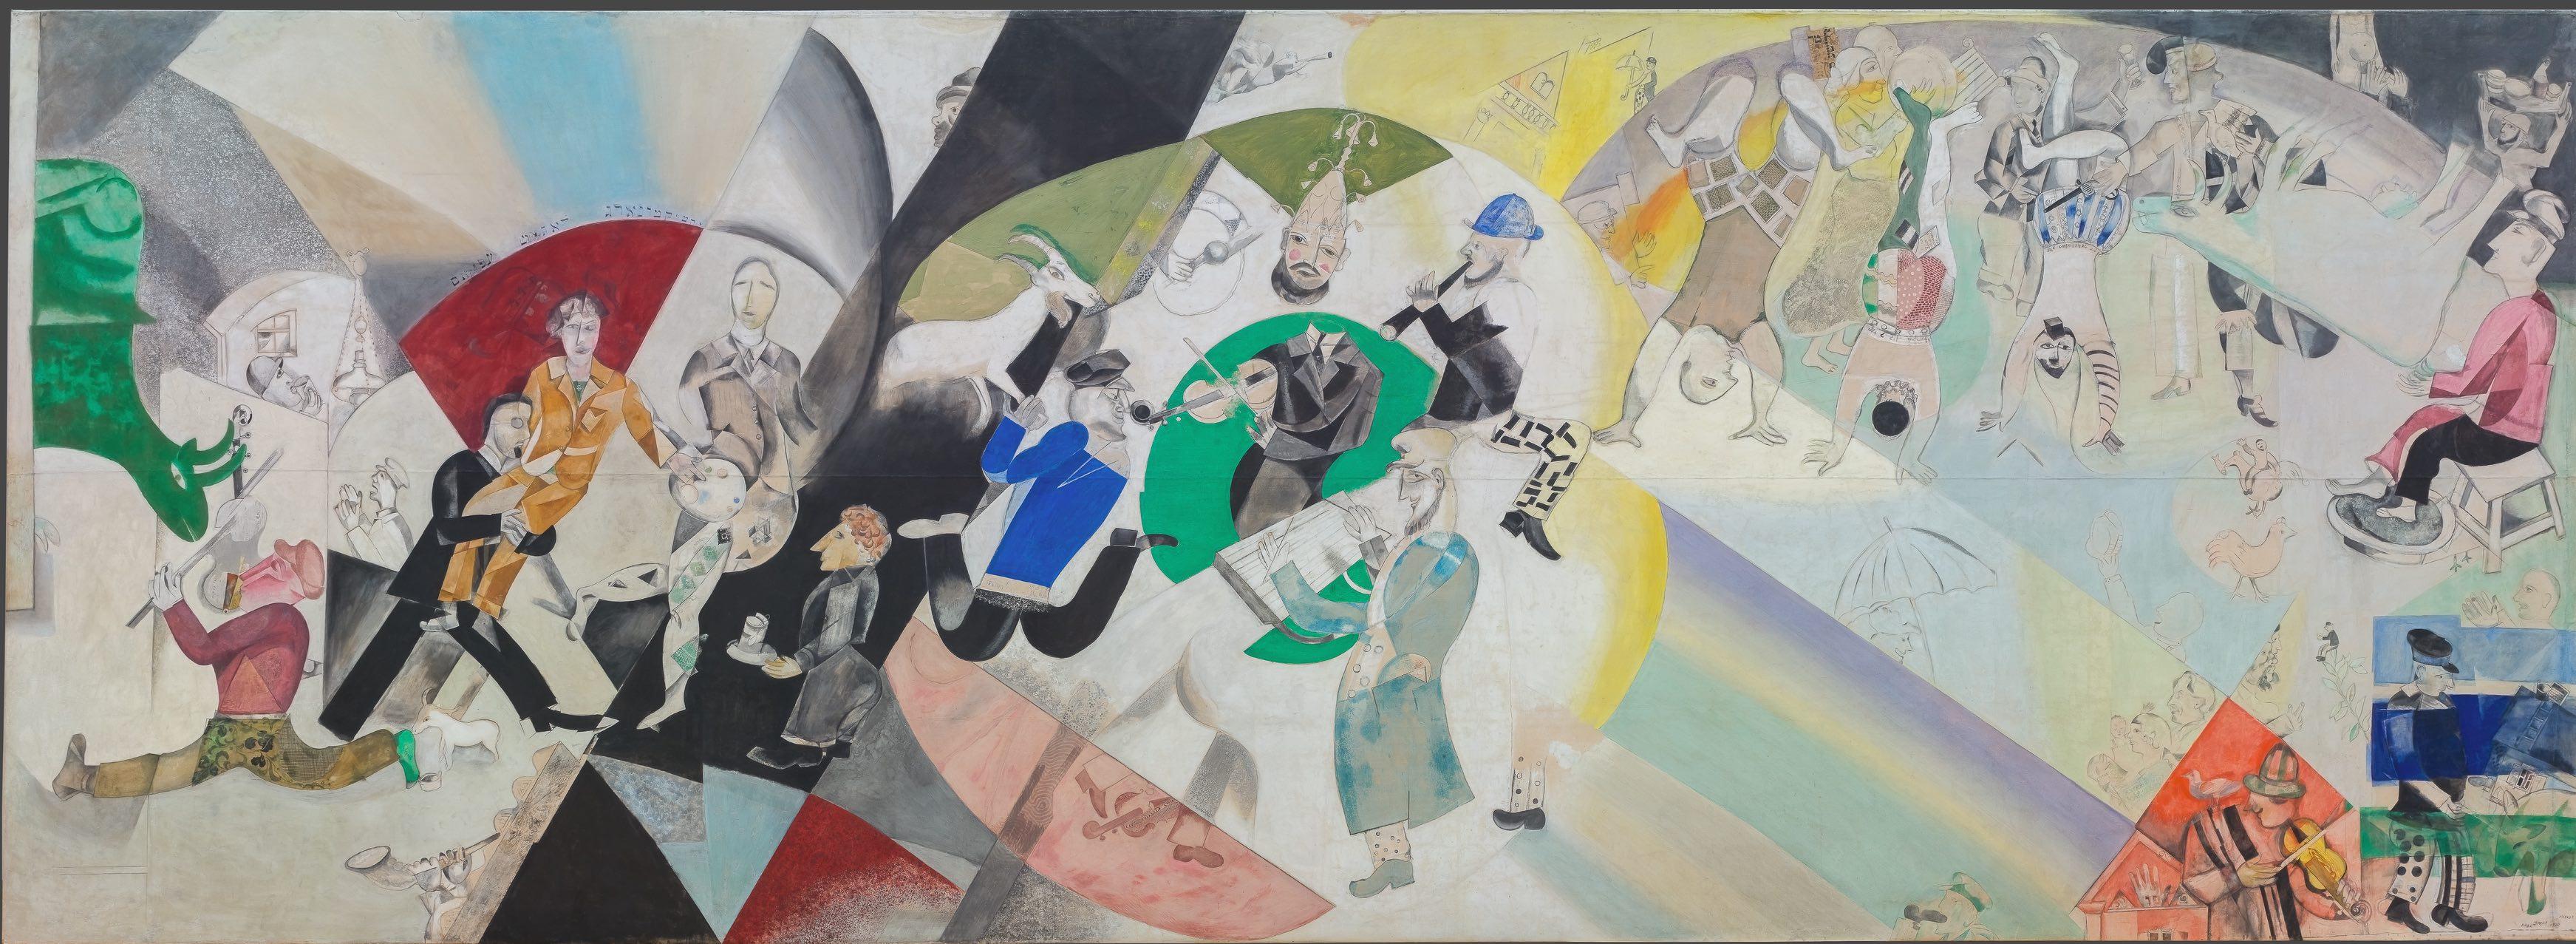 Marc Chagall Introduzione al teatro ebraico, 1920, Galleria di Stato Tretjakov di Mosca © The State Tretyakov Gallery, Moscow, Russia © Chagall ®, by SIAE 2018, ChagallMantova, Palazzo della Ragione, Chagall, ChagallMantova